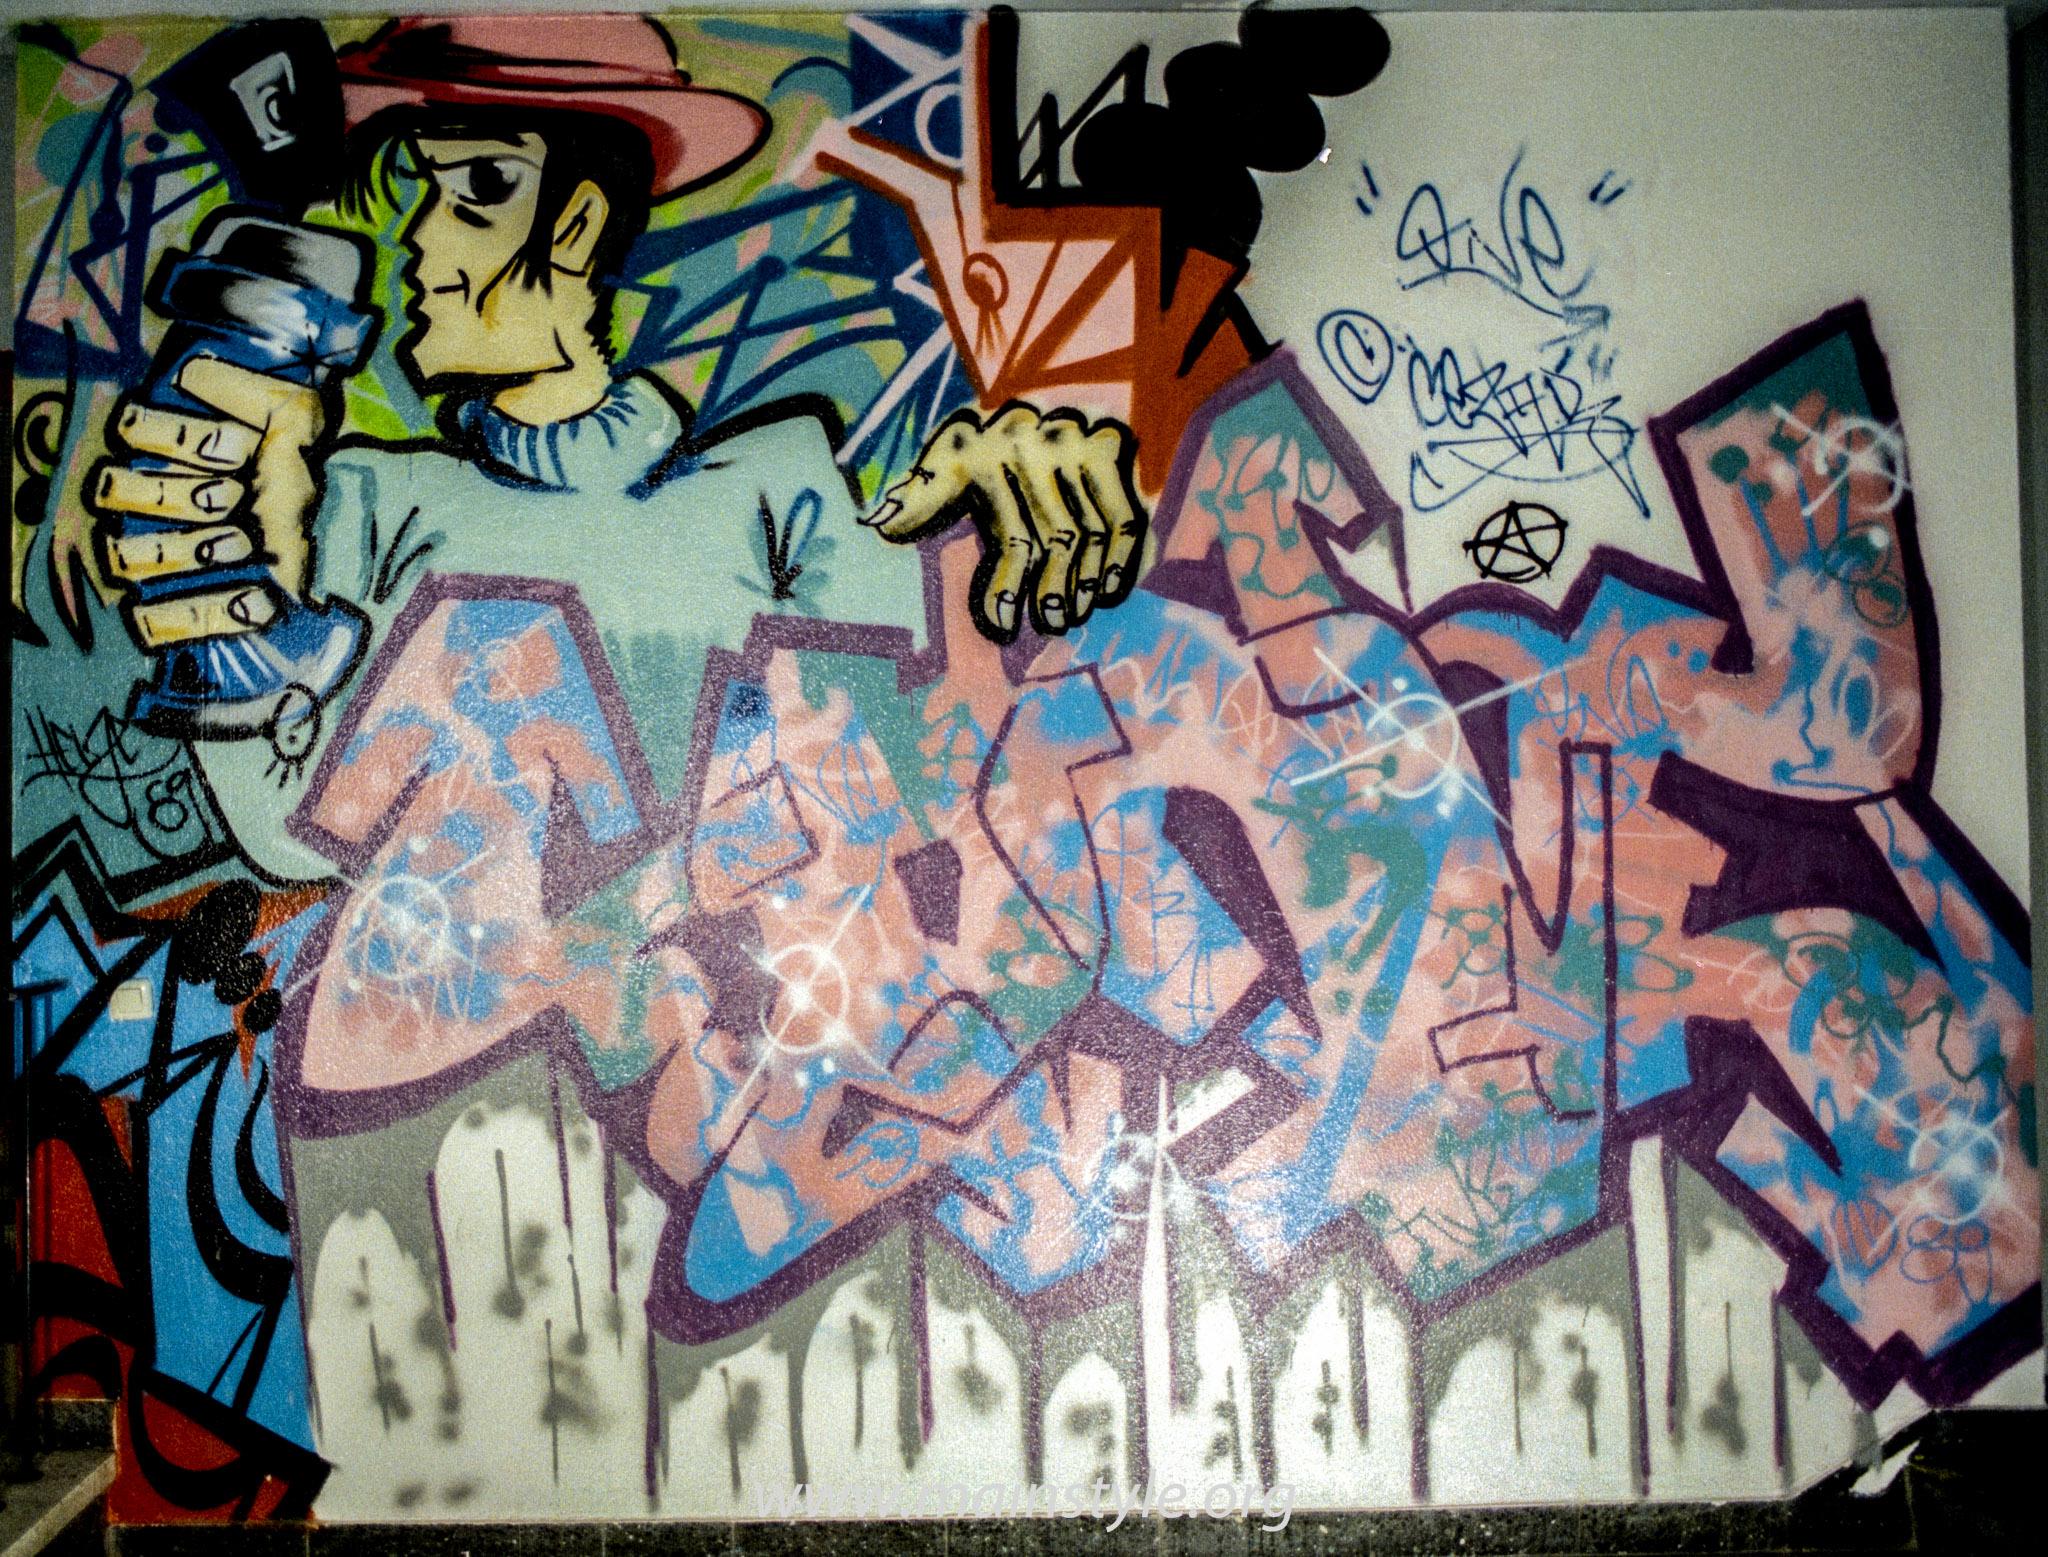 Graffiti_Frankfurt_JUZ Gallus 1989 (3 von 3)